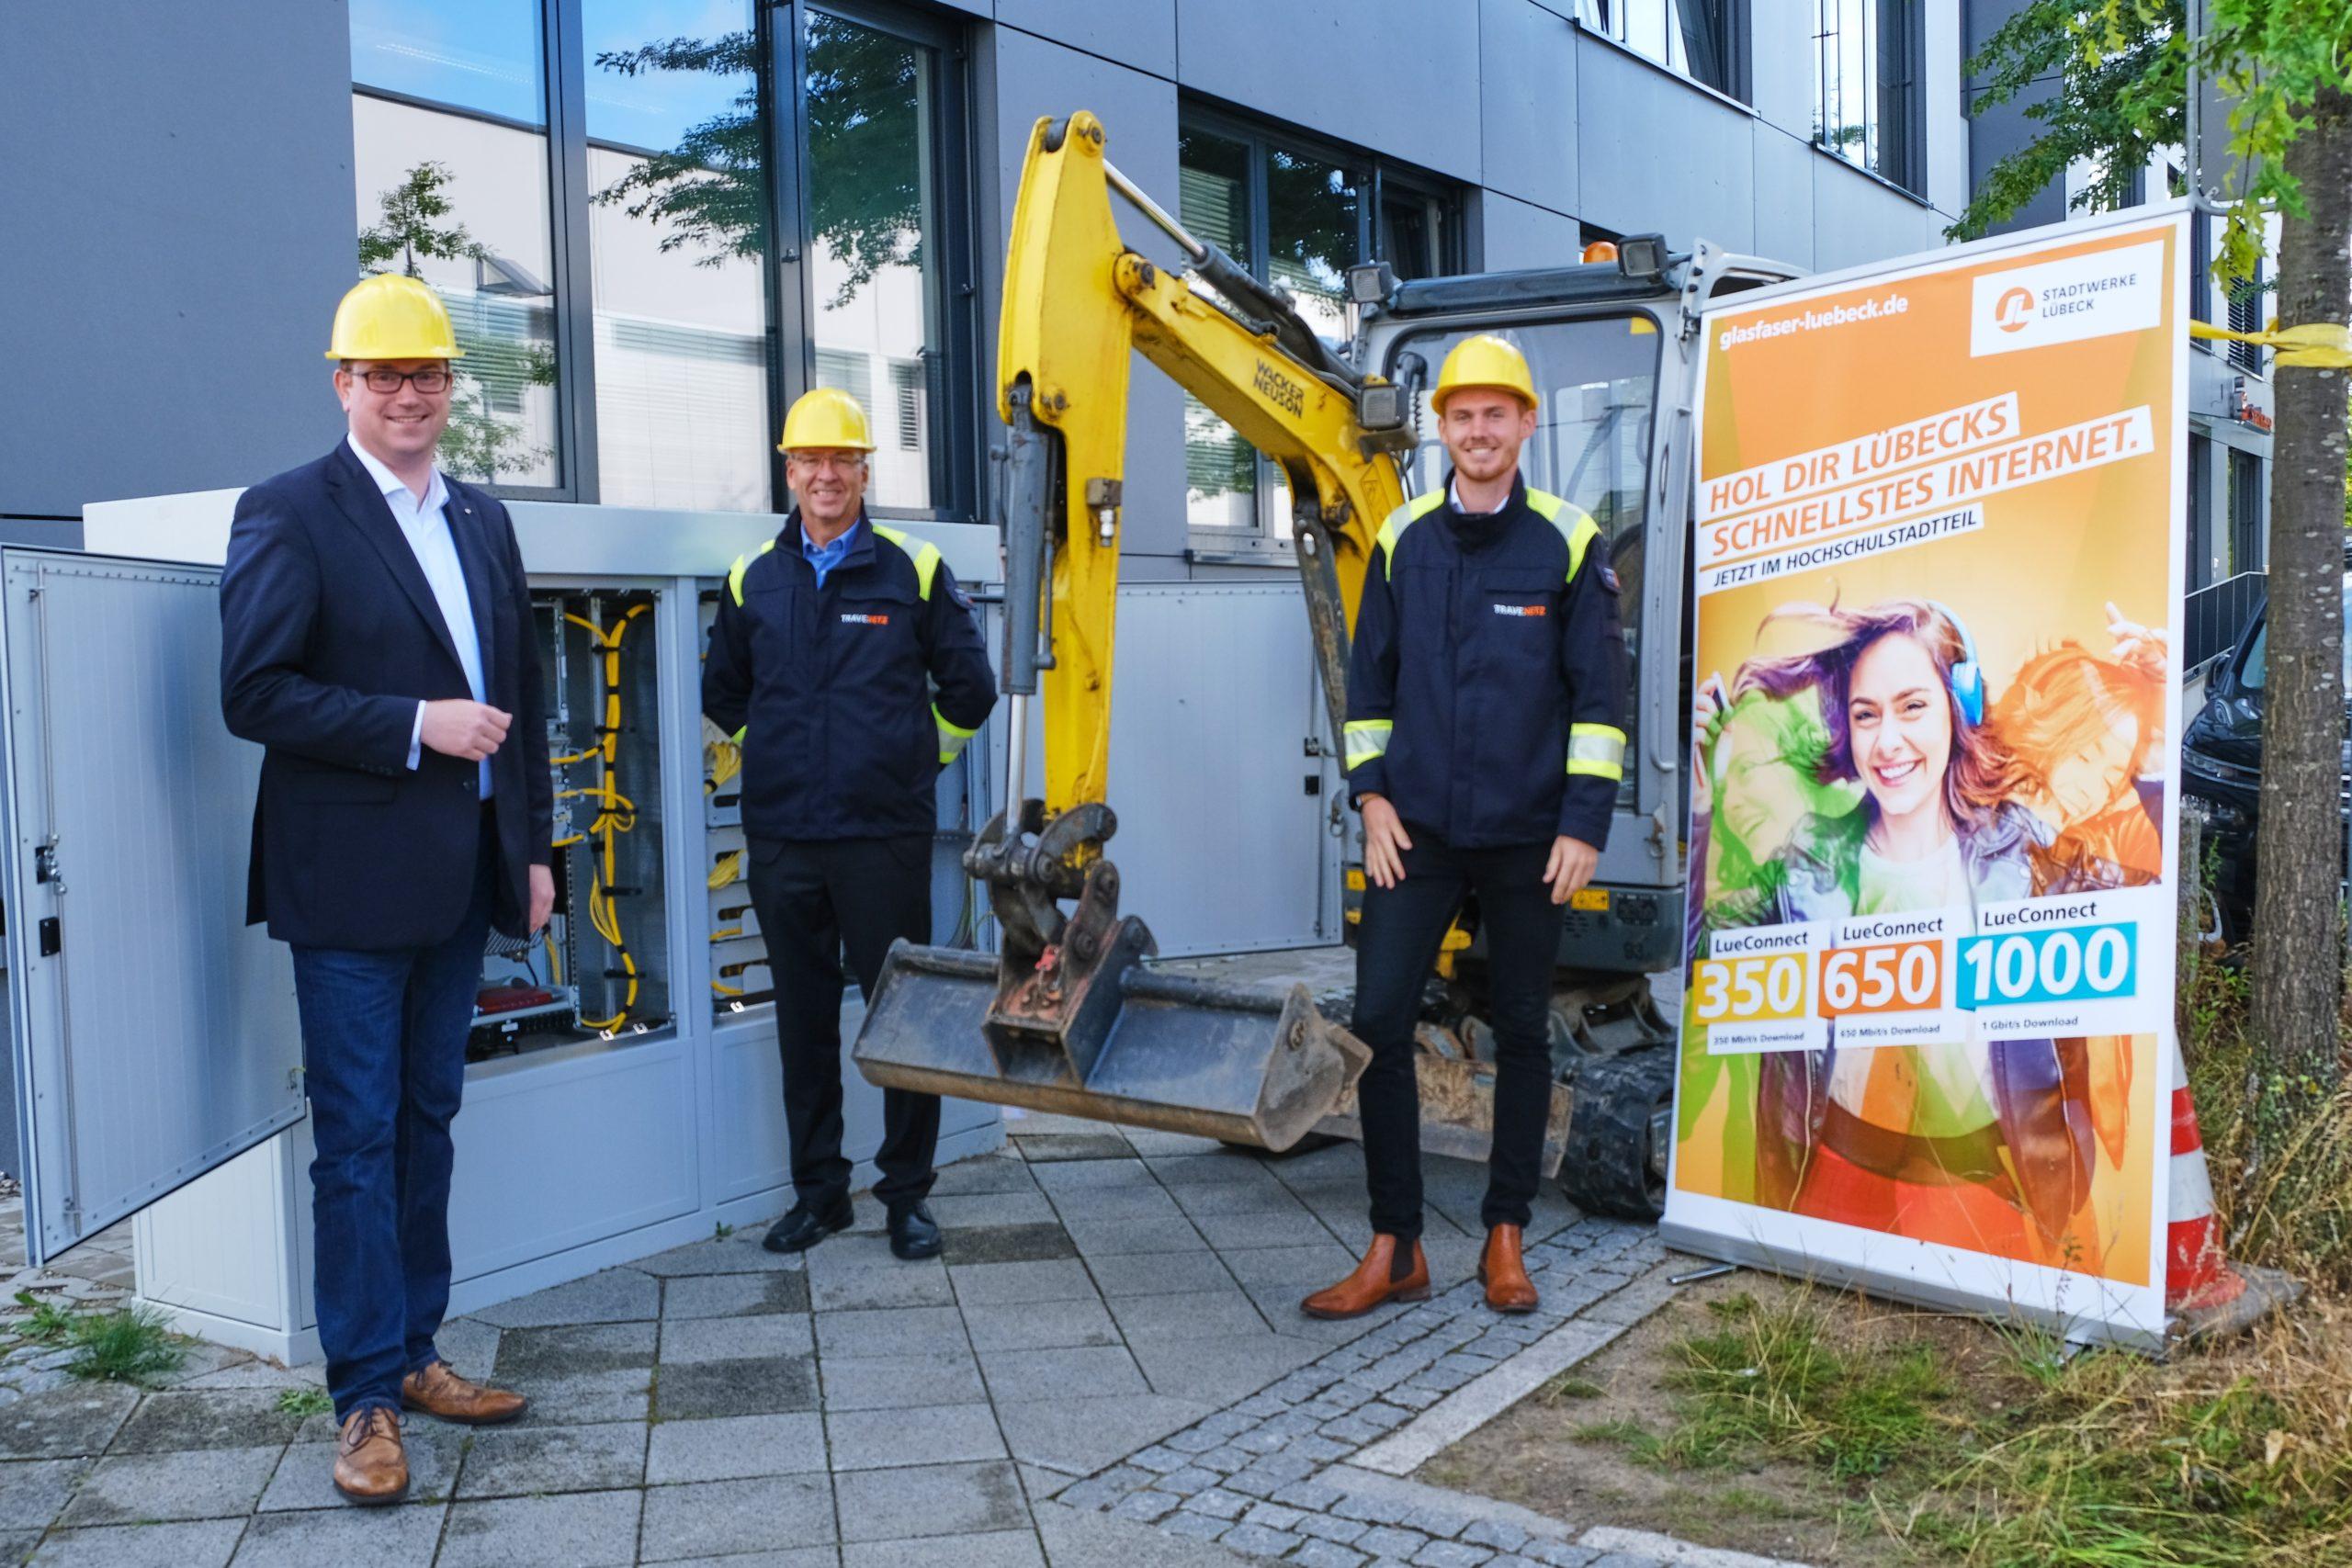 Bürgermeister Jan Lindenau war mit dabei, als die TraveNetz mit Ralf Brendle (Leiter Breitband und Digitale Infrastruktur und Kilian Hansen (Projektleiter Glasfaserausbau Hochschulstadtteil) das Projekt vor Ort vorstellten.